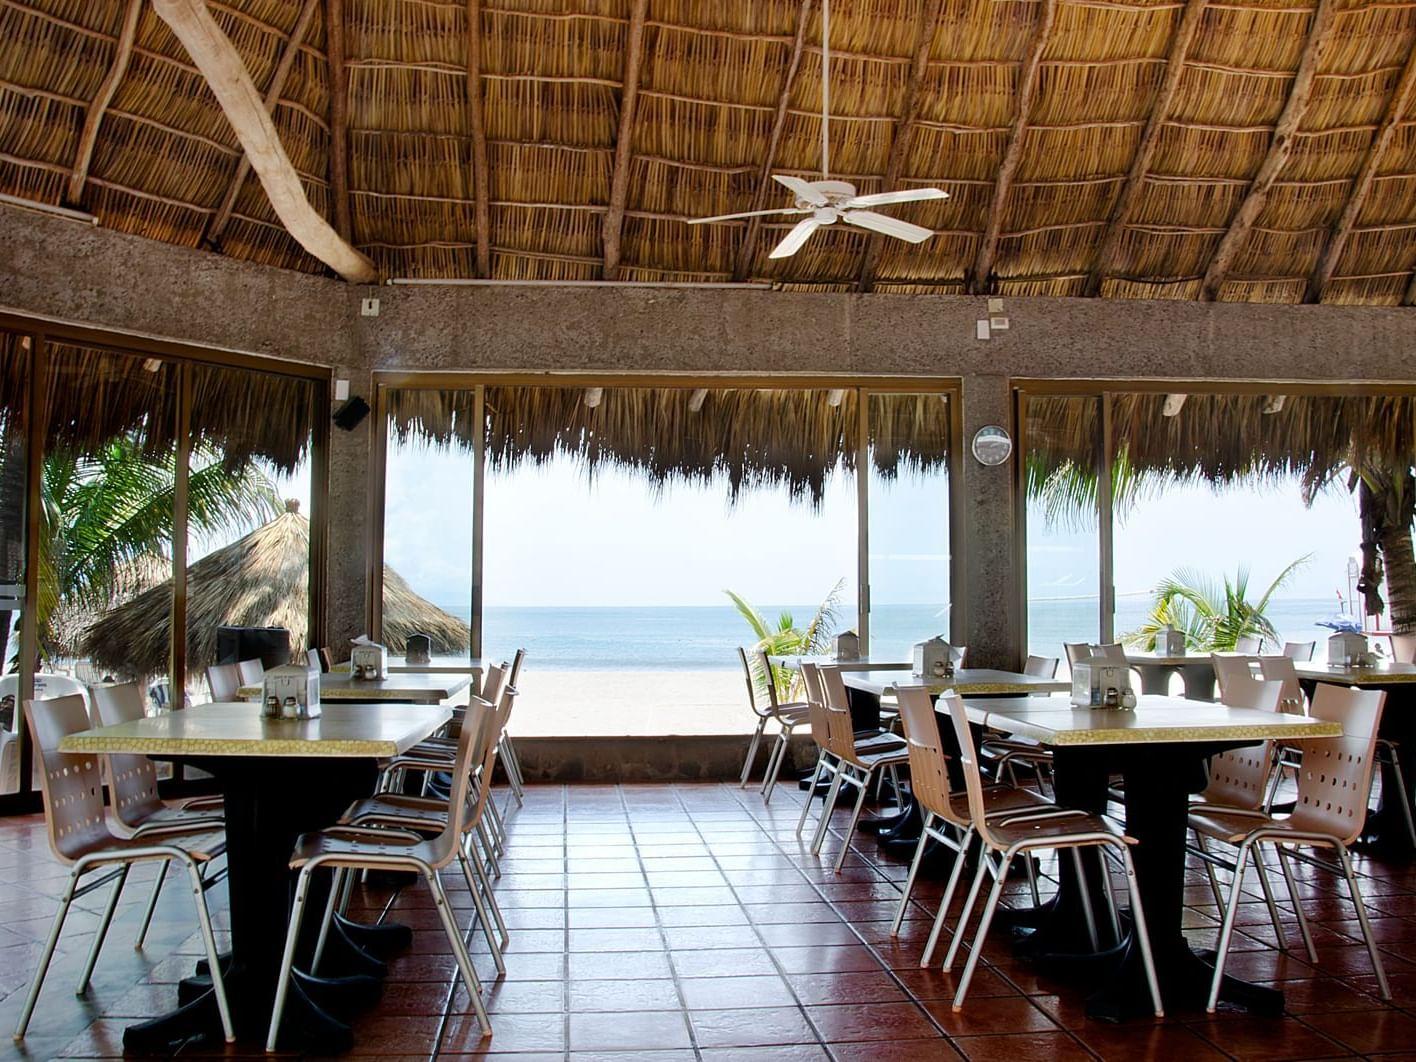 Palapa Drake's Restaurante at Hotel Villa Varadero